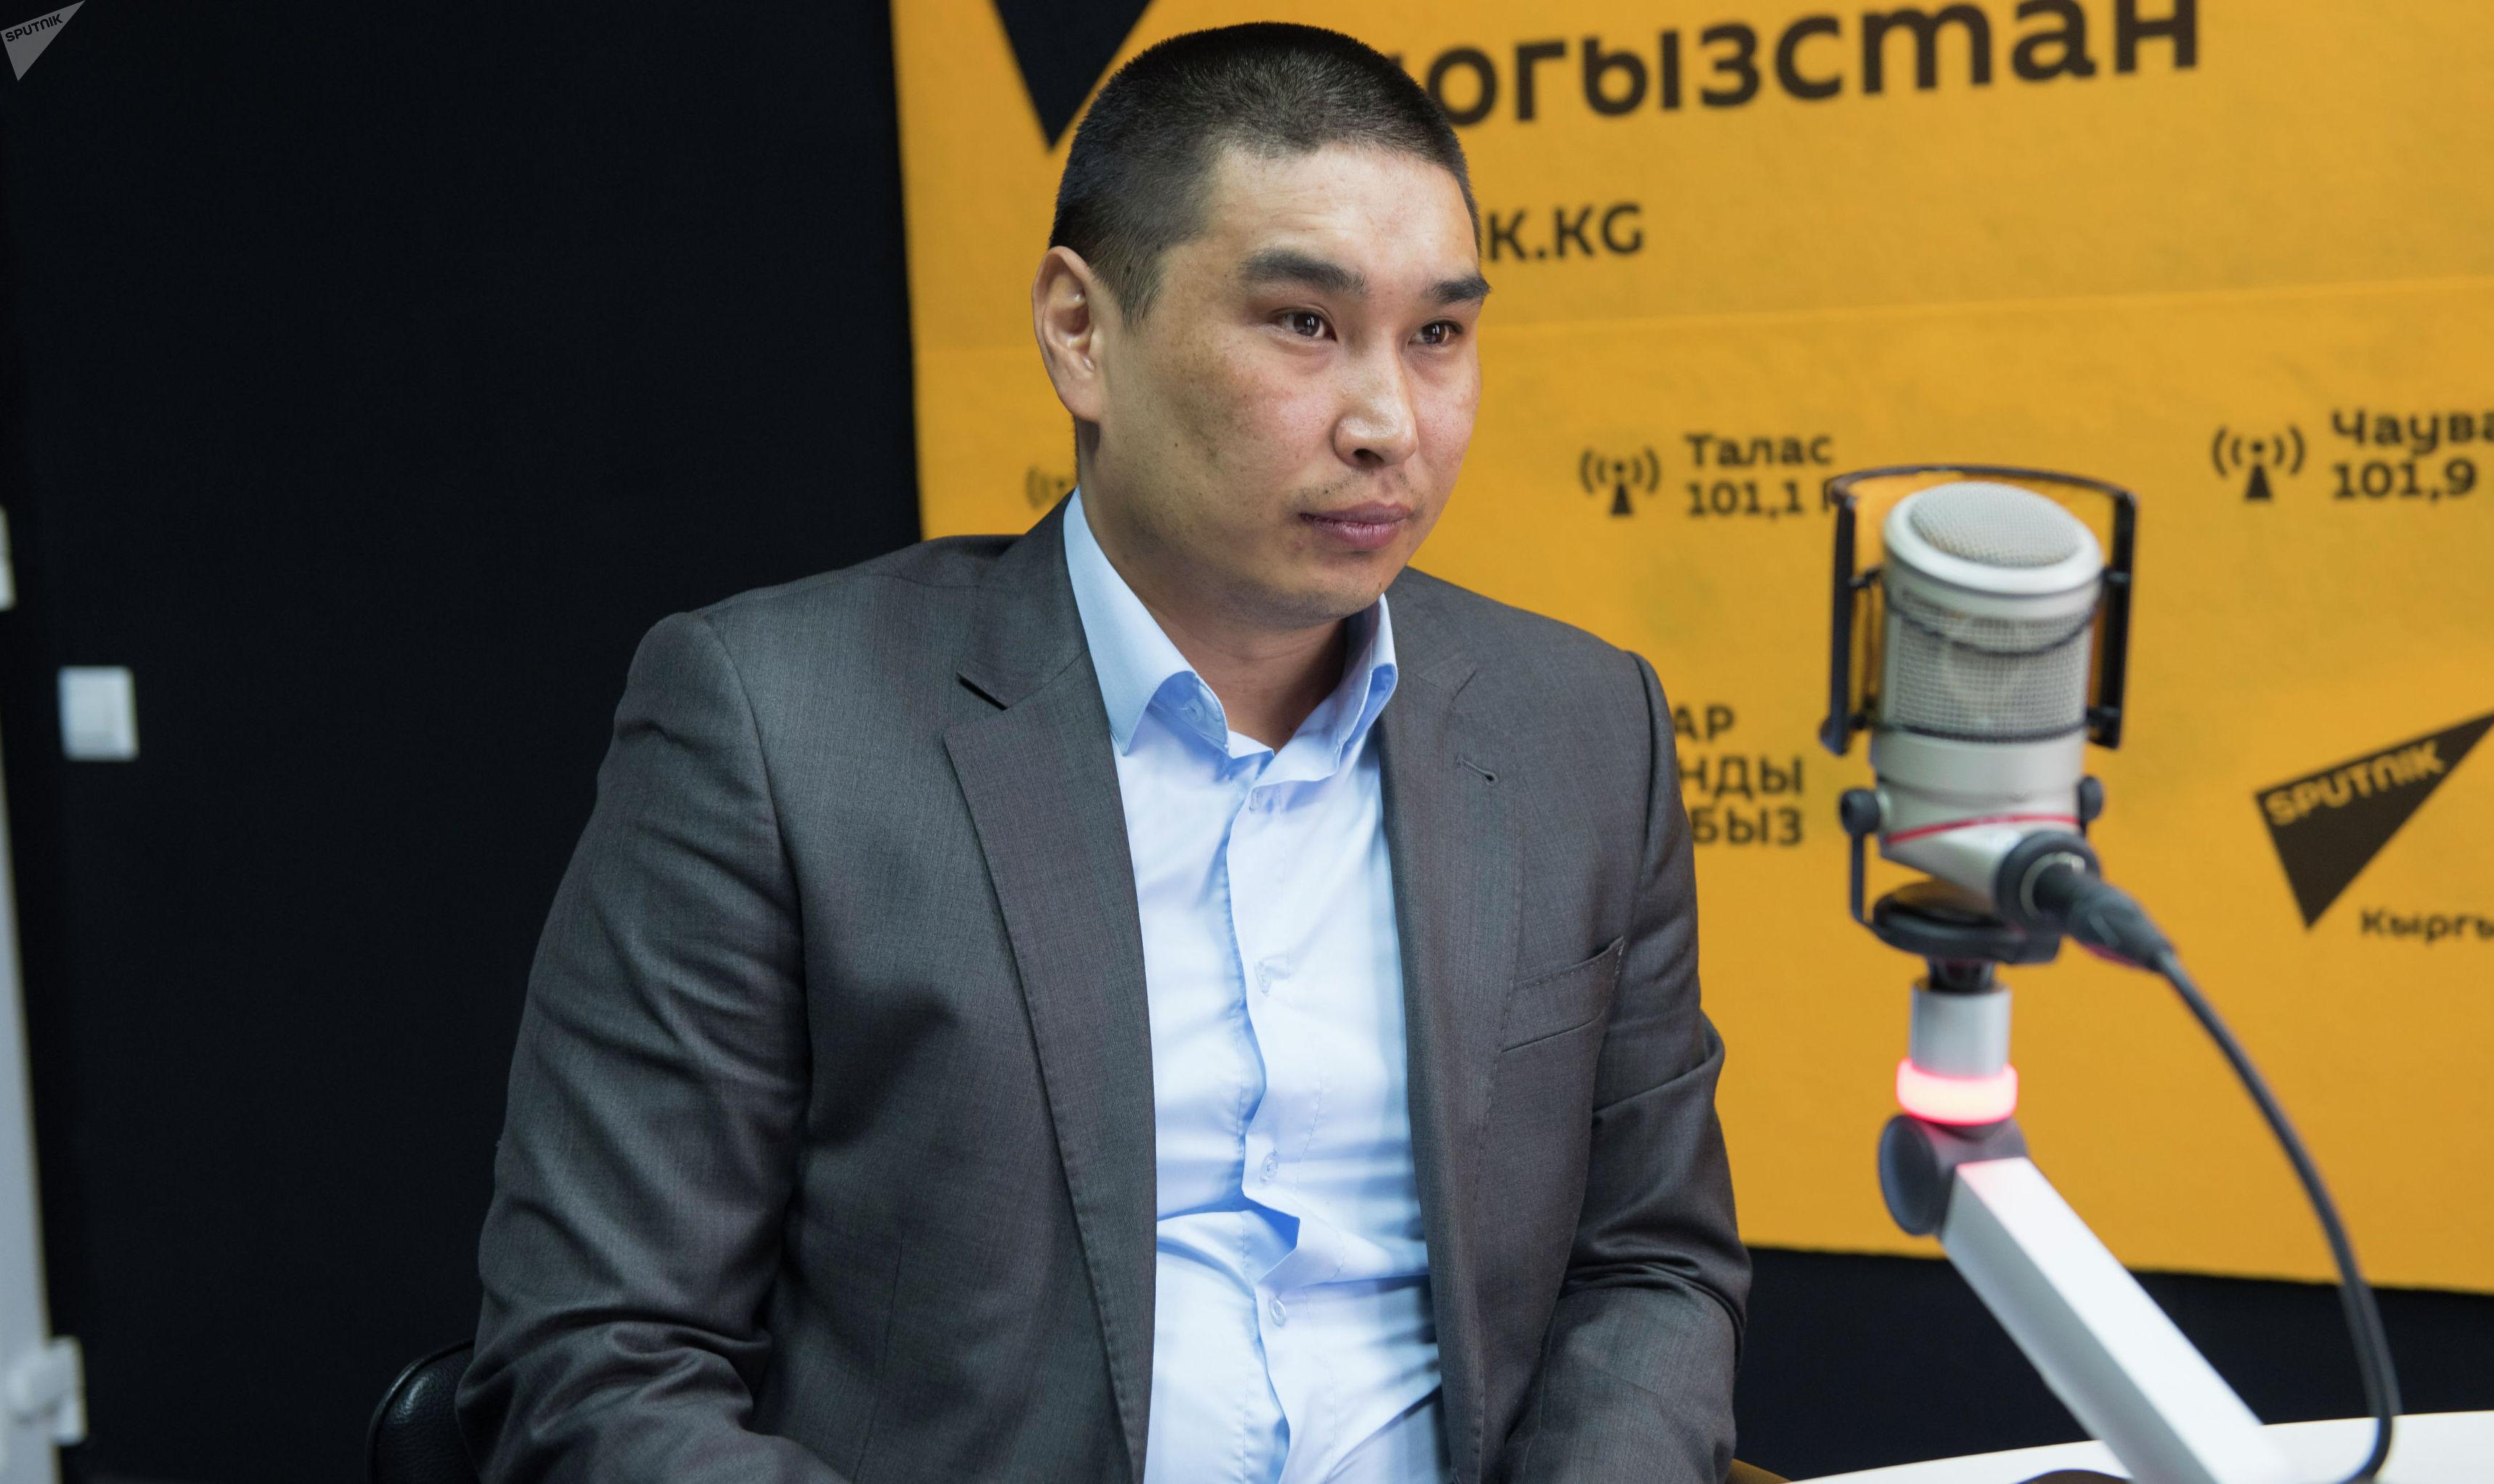 Председатель Государственного комитета национальной безопасности КР Ильяз Кадыркулов